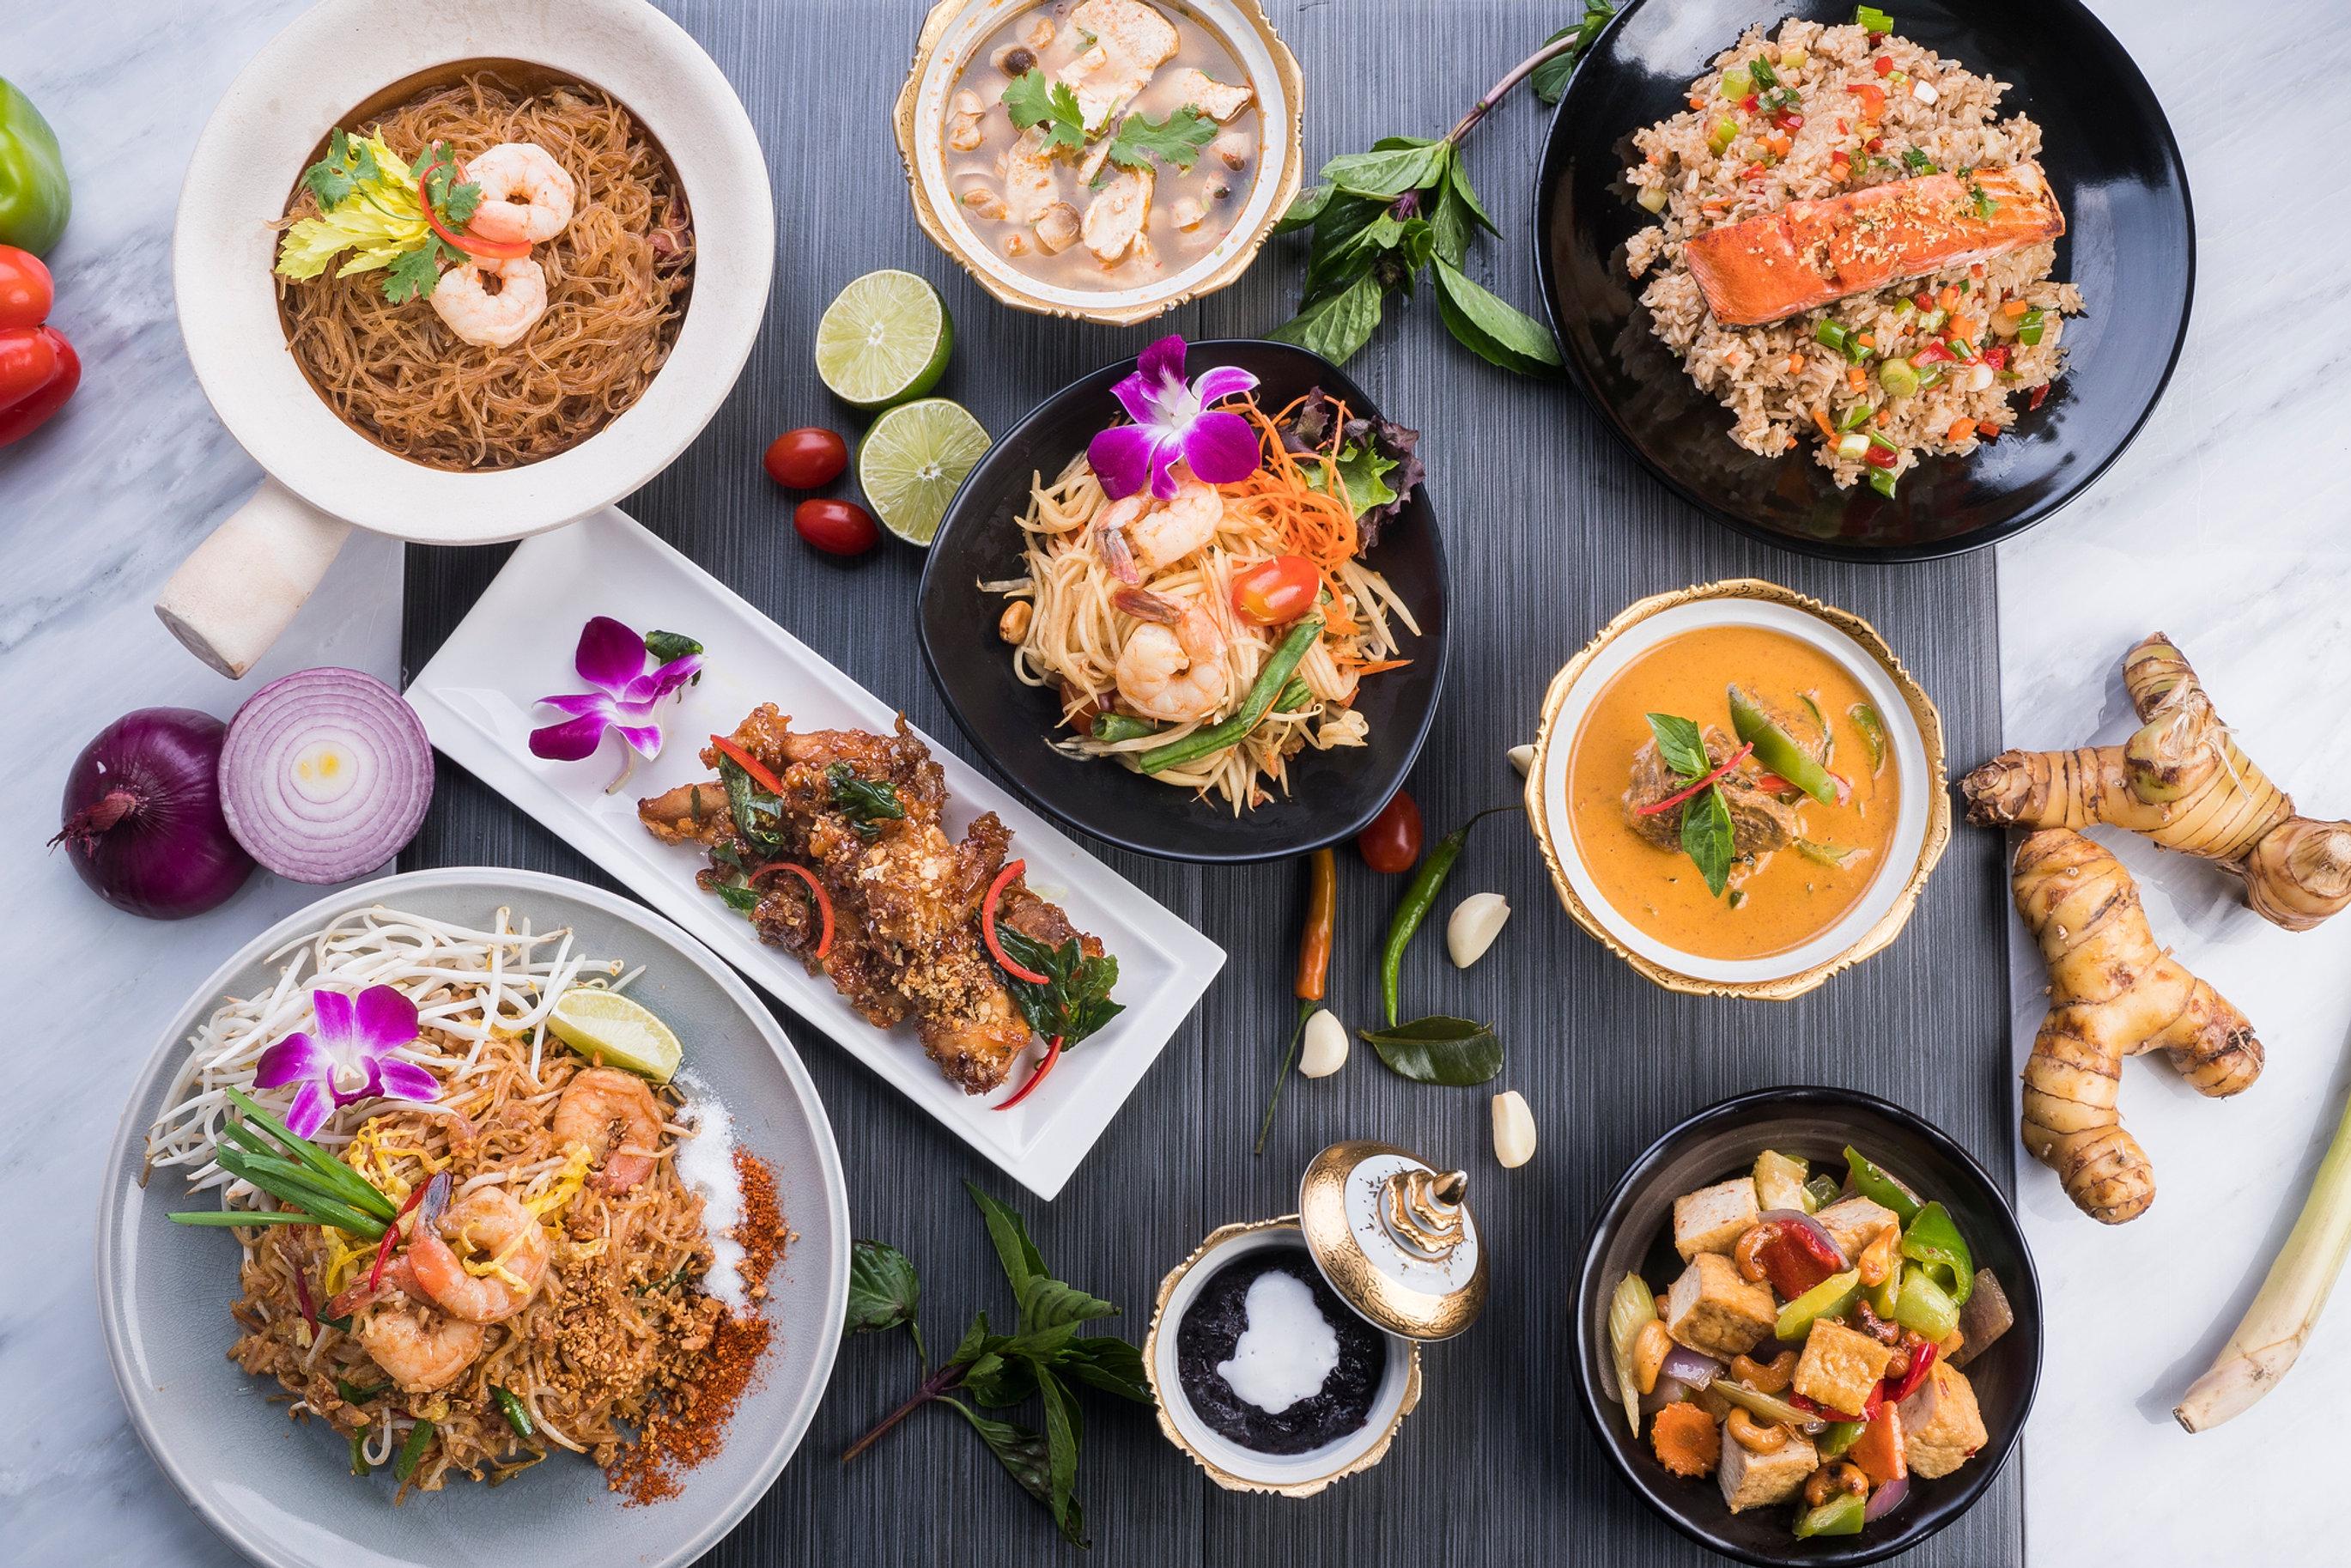 Noi Thai Cuisine Hawaii